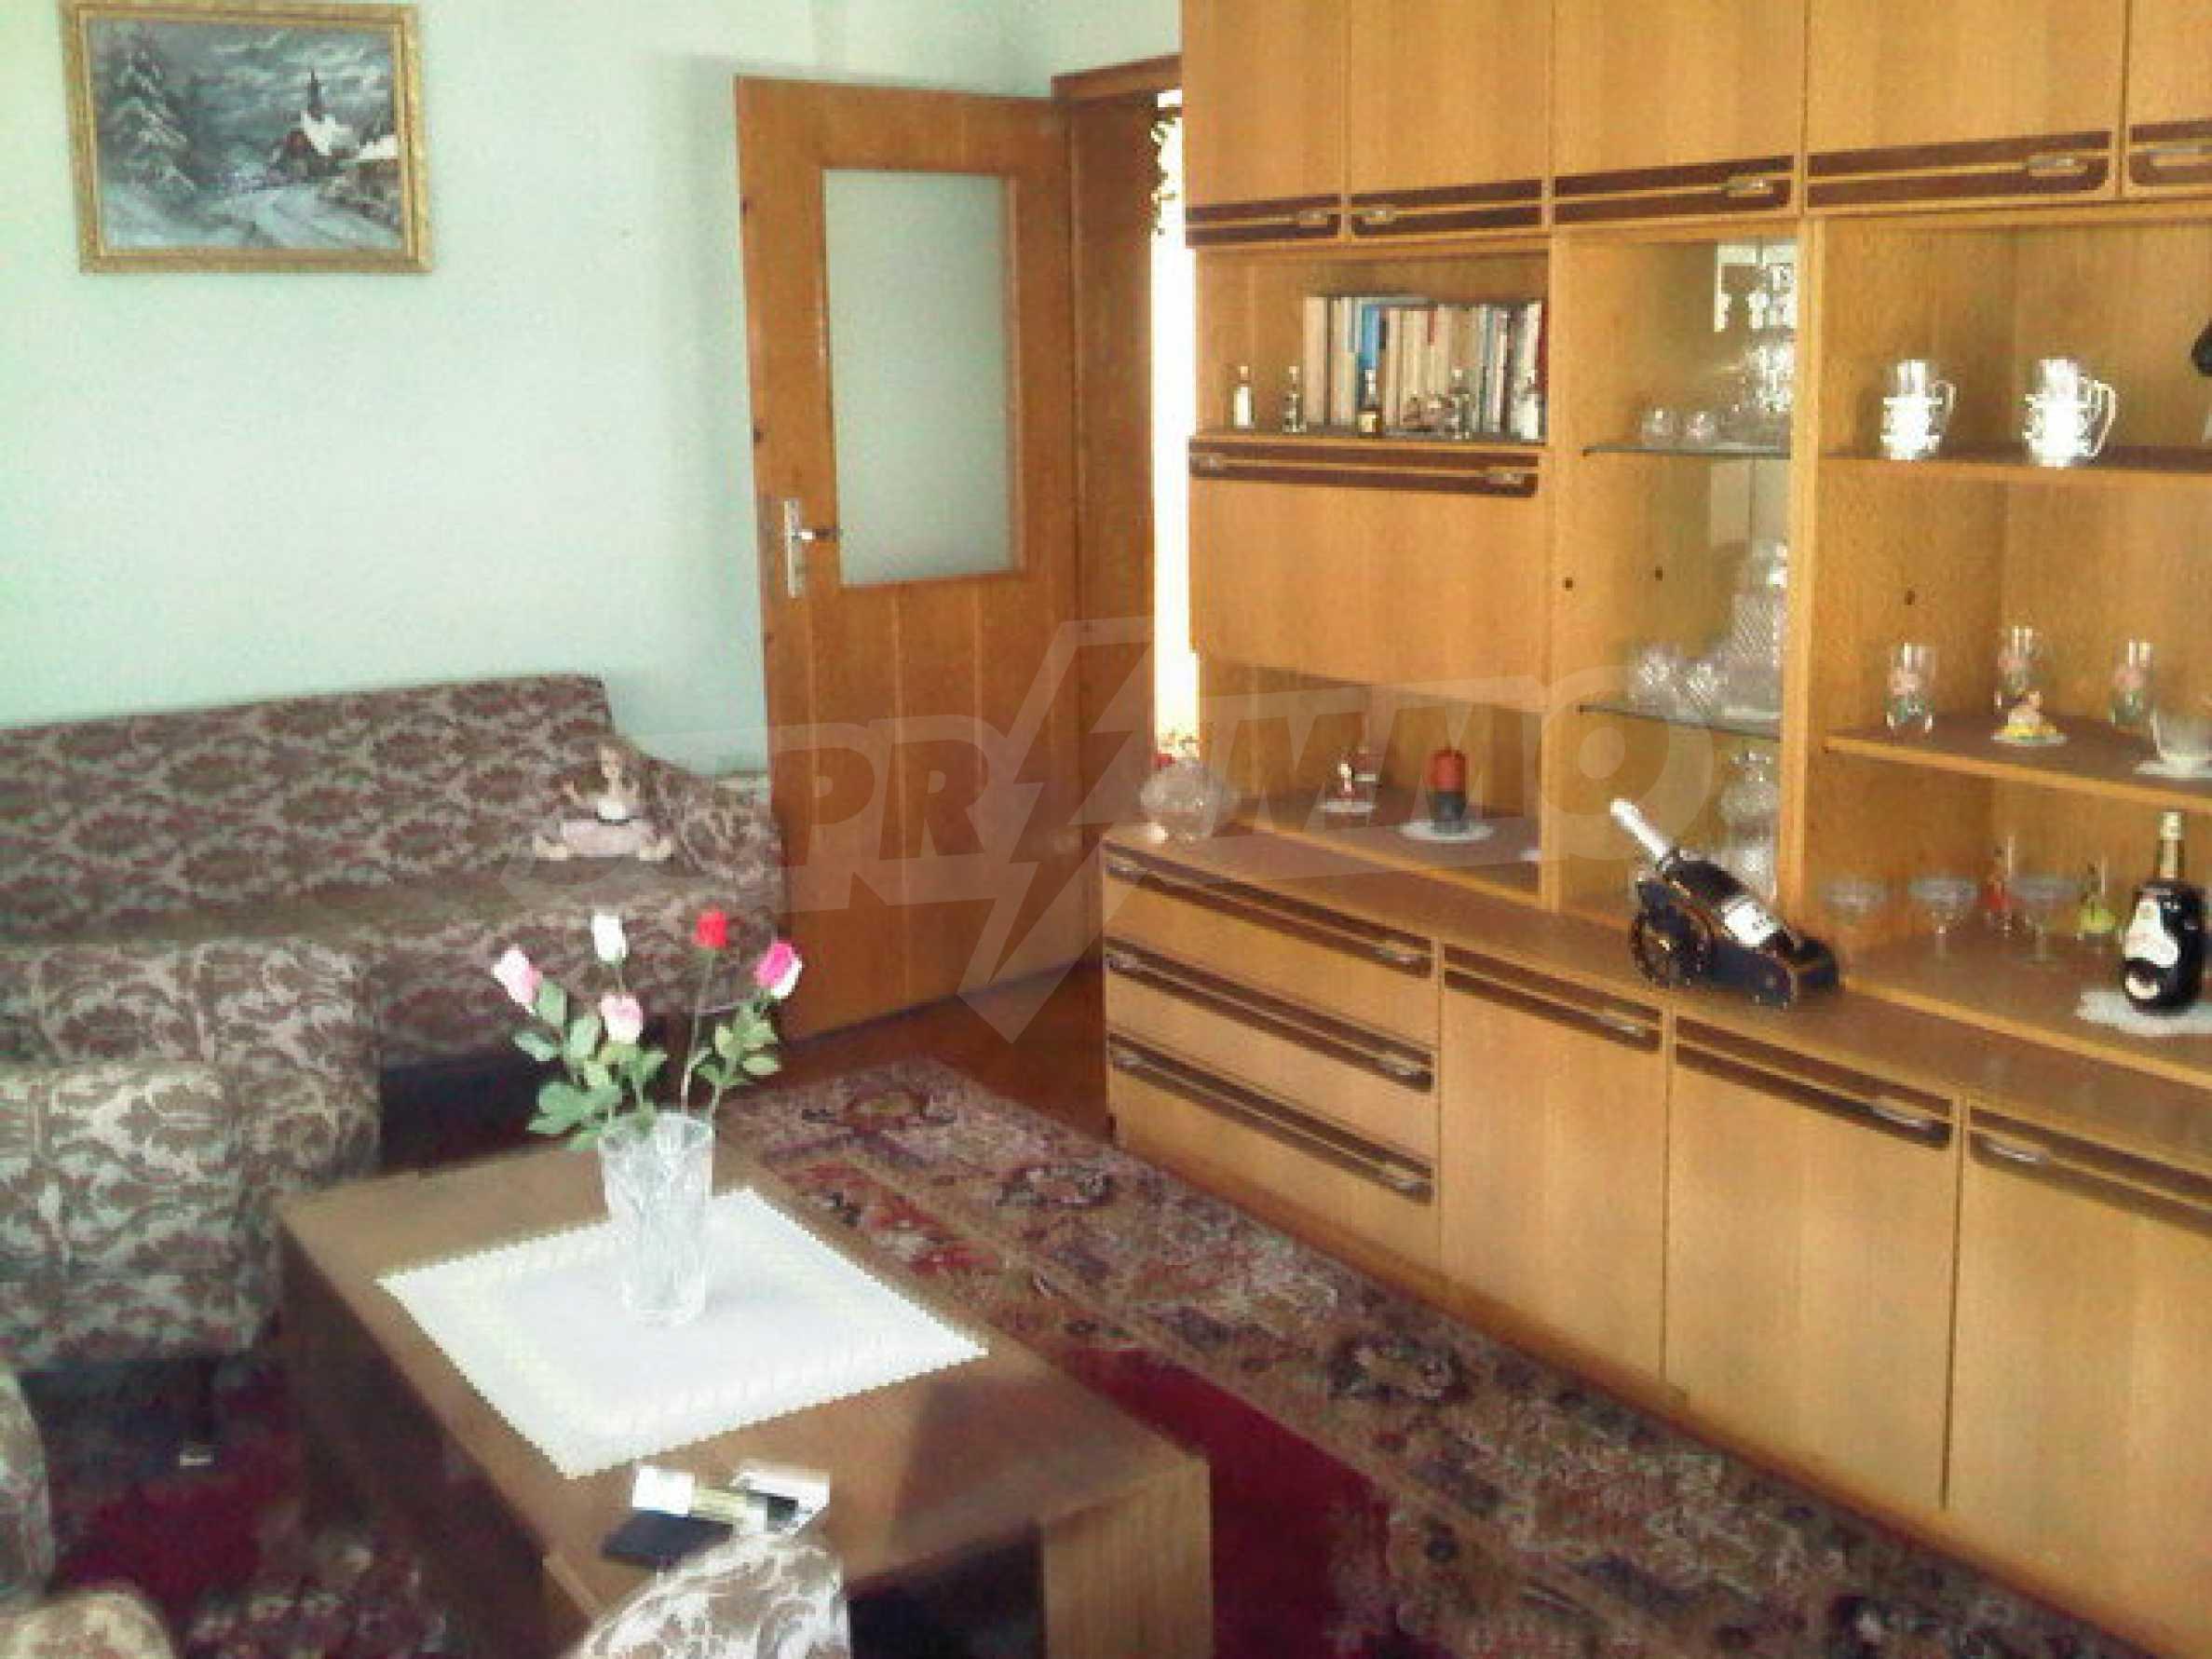 Четиристаен апартамент на втори етаж в сграда в неспосредственна близост центъра на град Севлиево 9